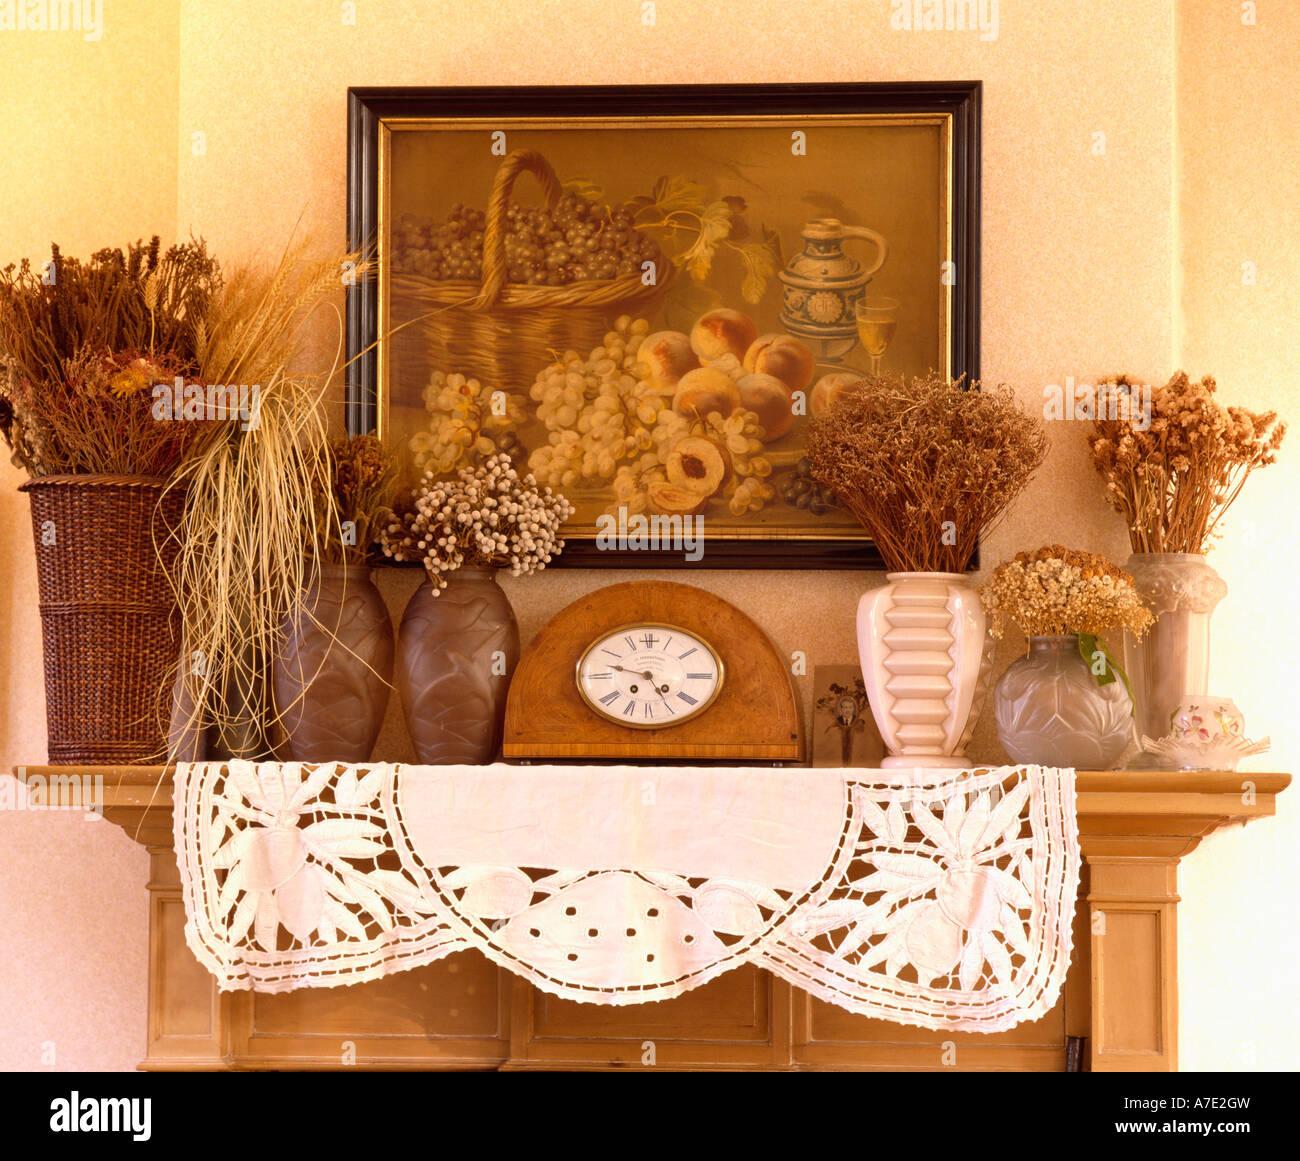 Detalle De La Imagen Anterior Vintage Jarrones De Flores Secas Y - Jarrones-con-flores-secas